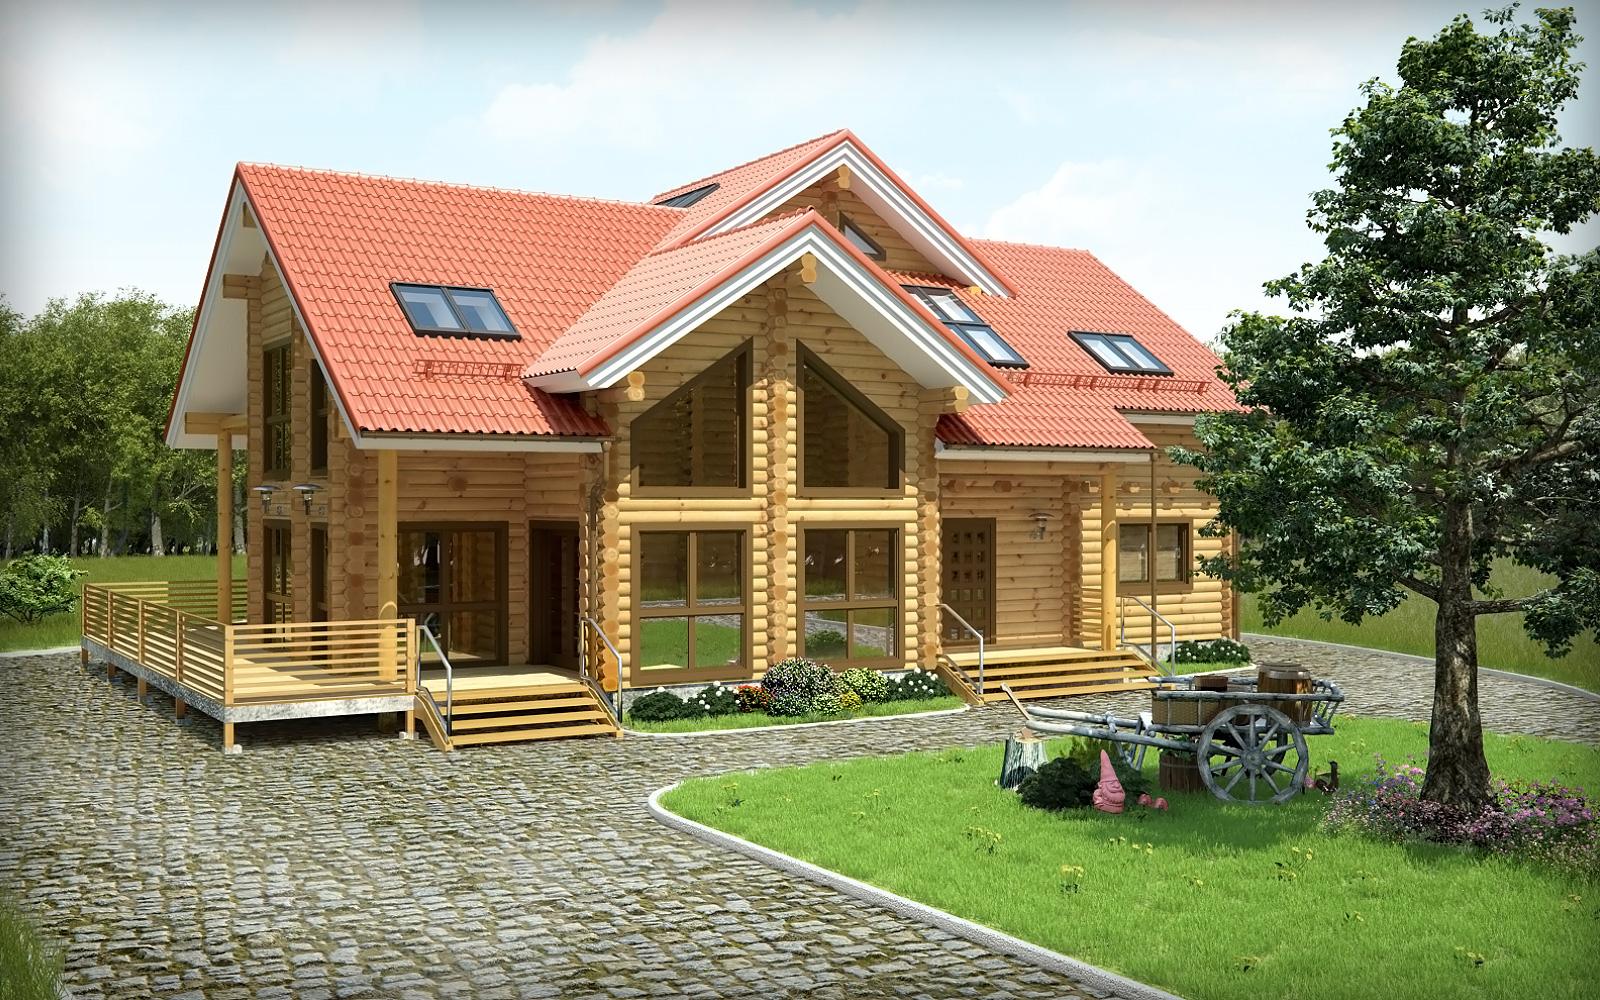 Wooden house by daniil sanders